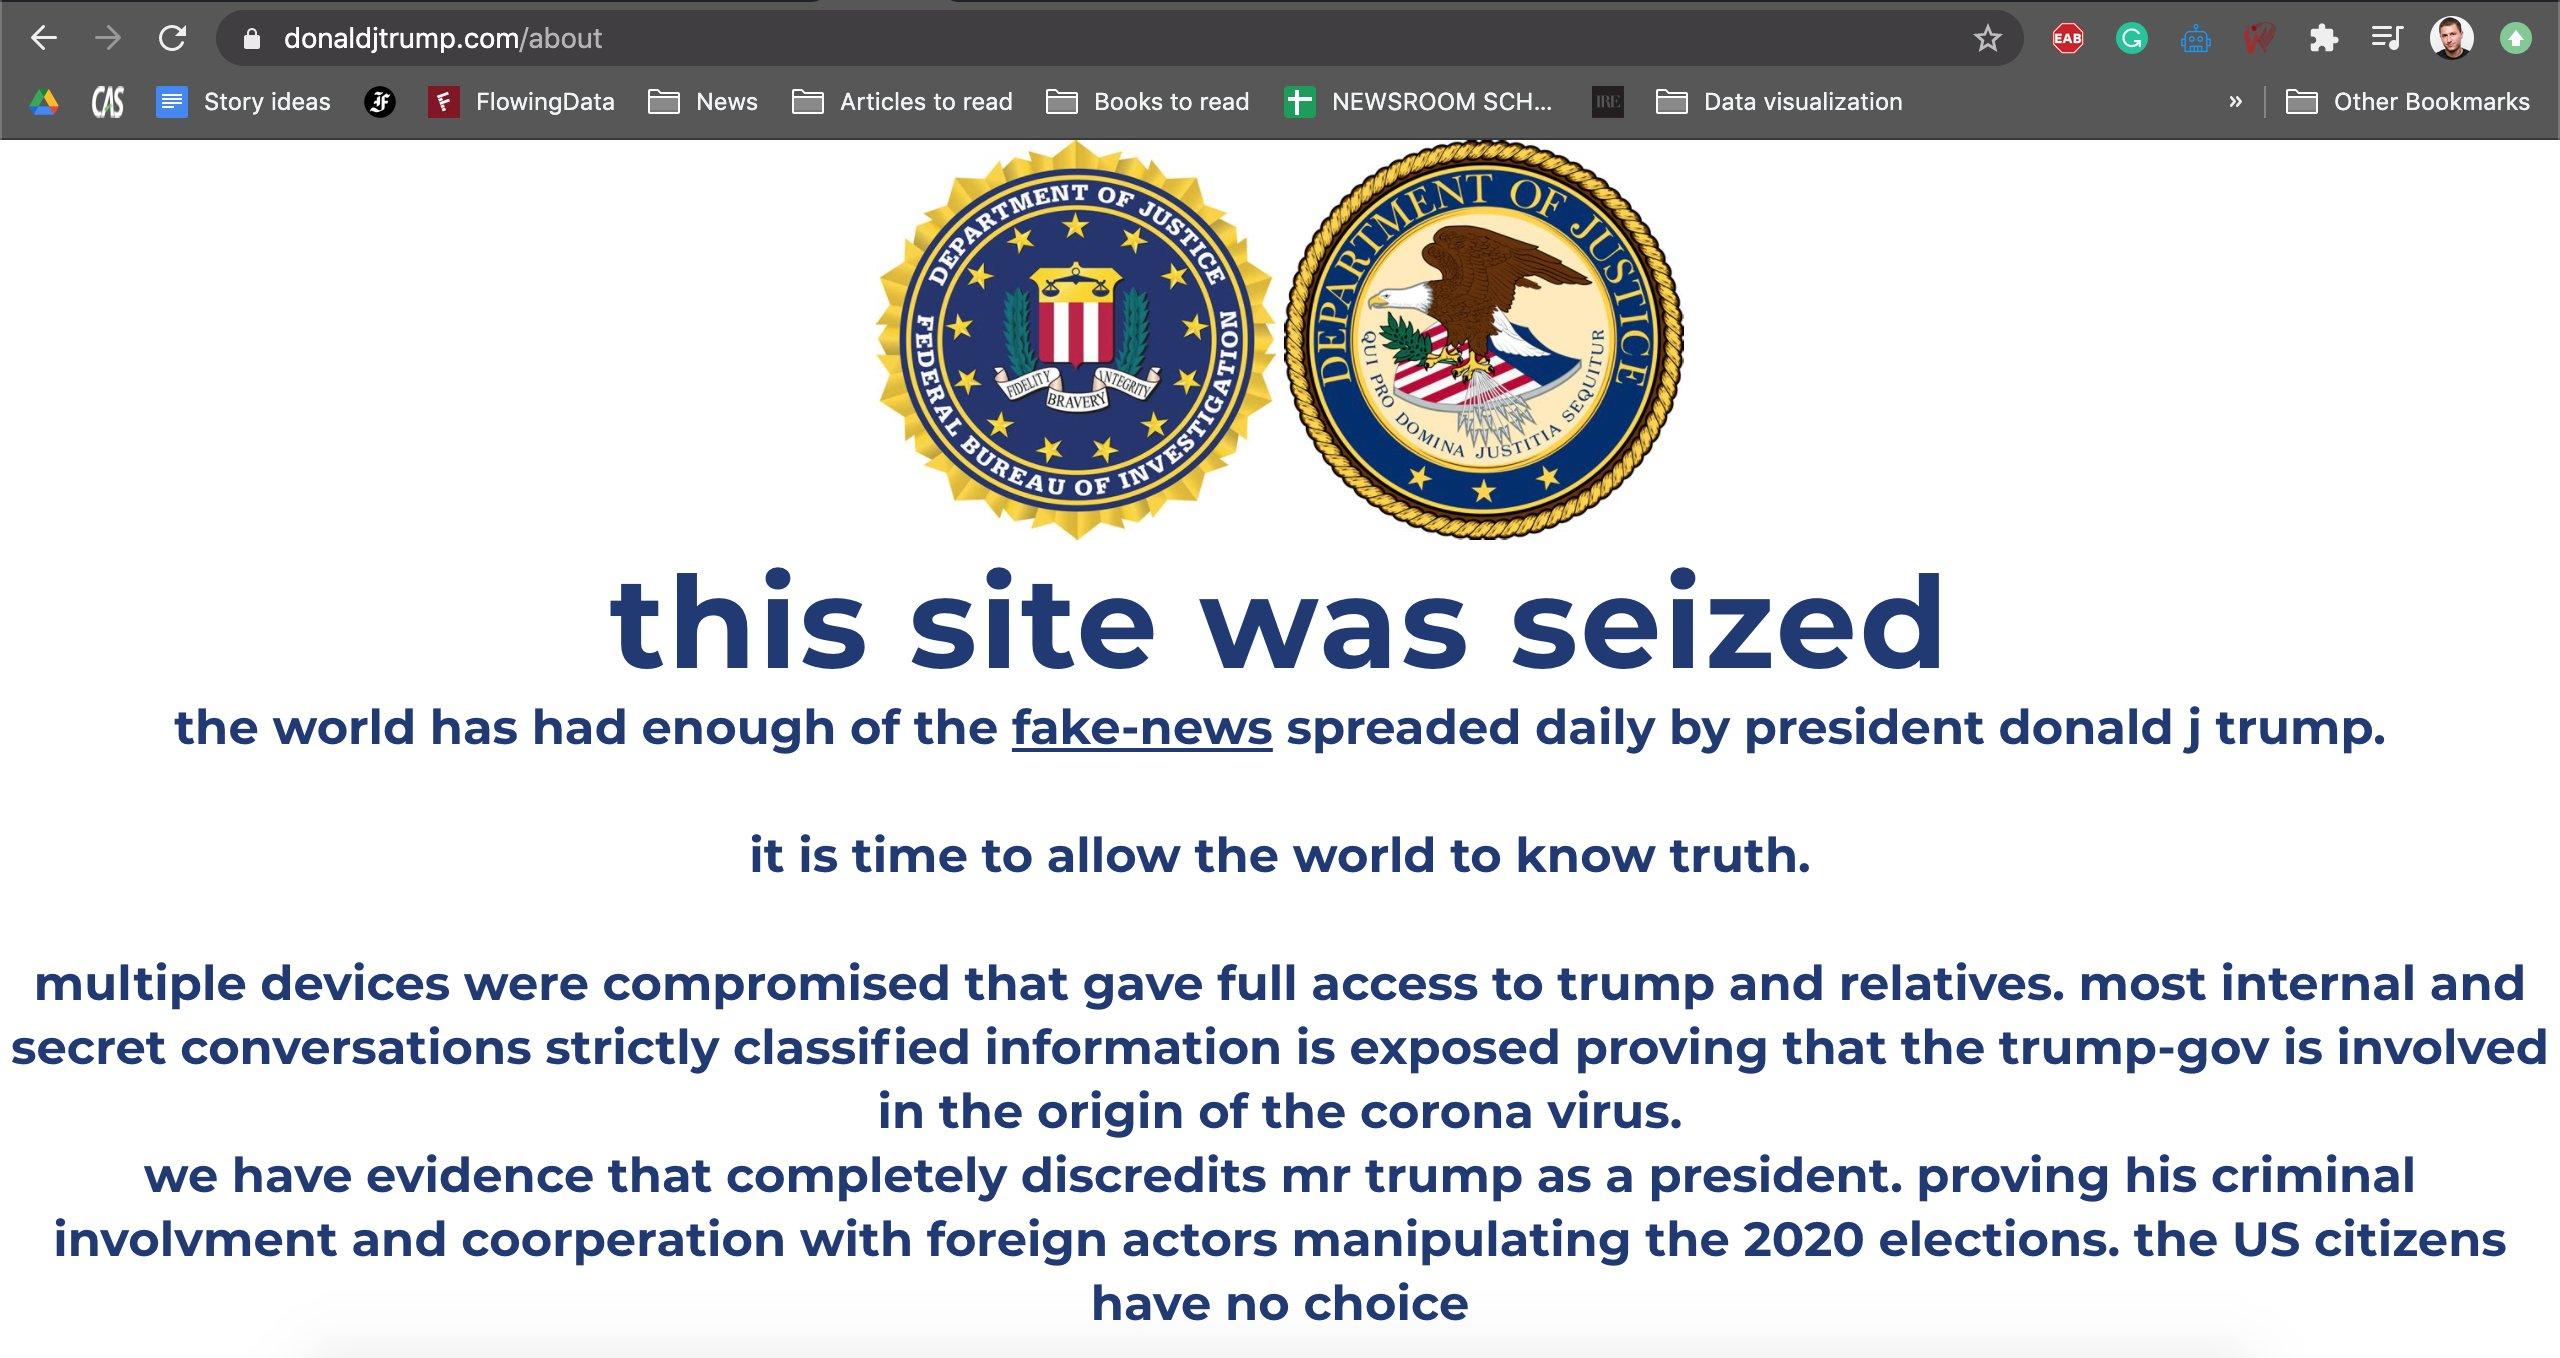 """特朗普竞选网站被黑:特朗普""""秘密黑料""""泄露?还是数字货币骗局?"""